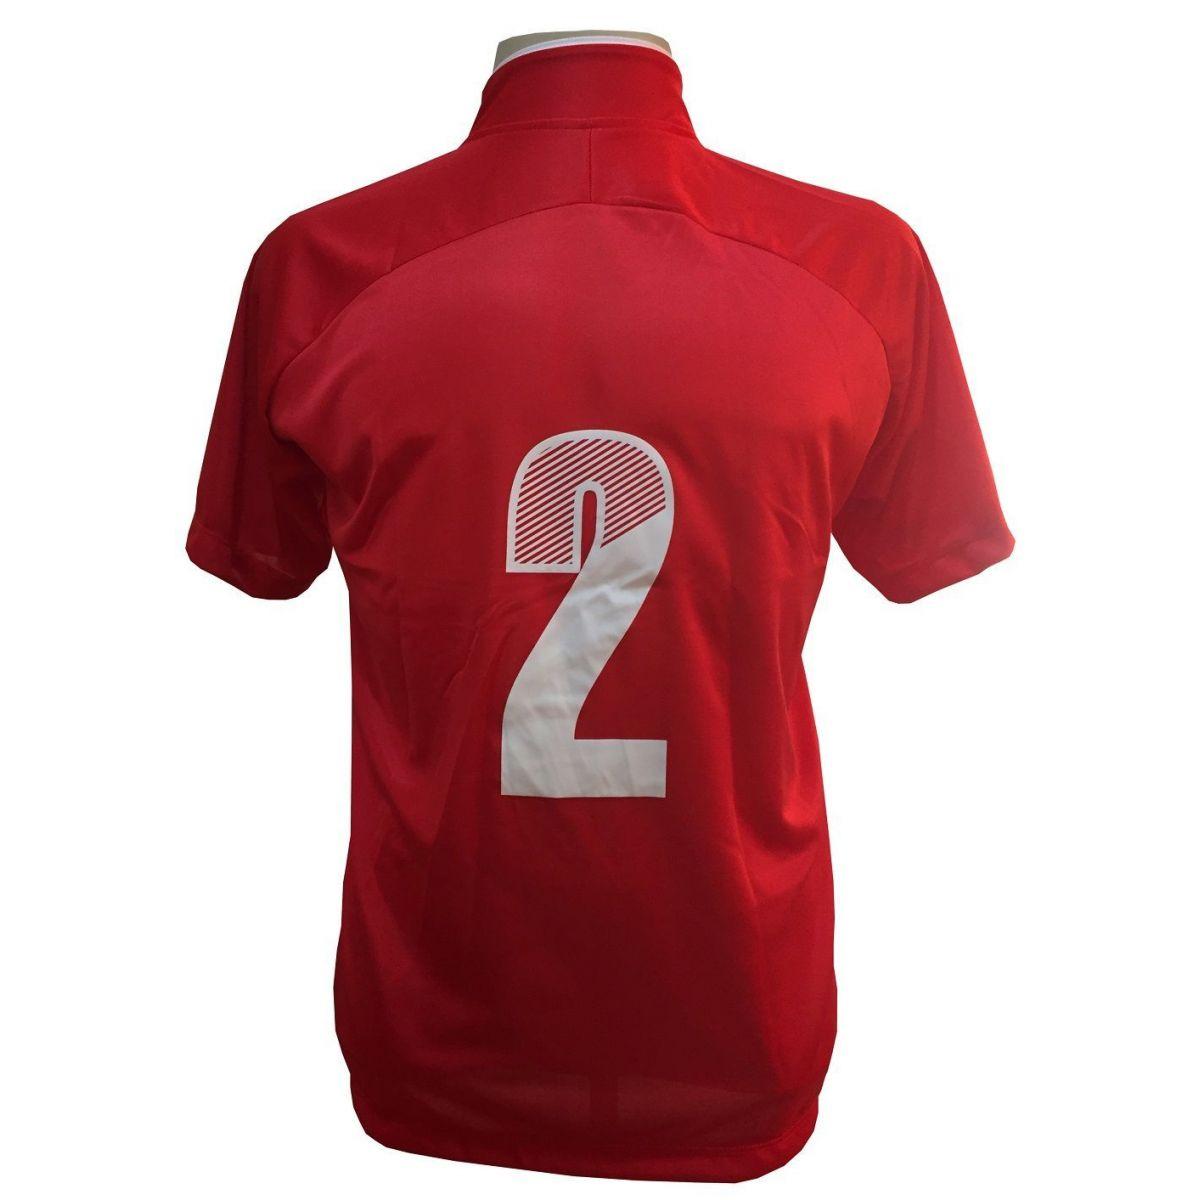 Uniforme Esportivo com 12 Camisas modelo City Vermelho/Branco + 12 Calções modelo Madrid Branco + 12 Pares de meiões Vermelho   - ESTAÇÃO DO ESPORTE